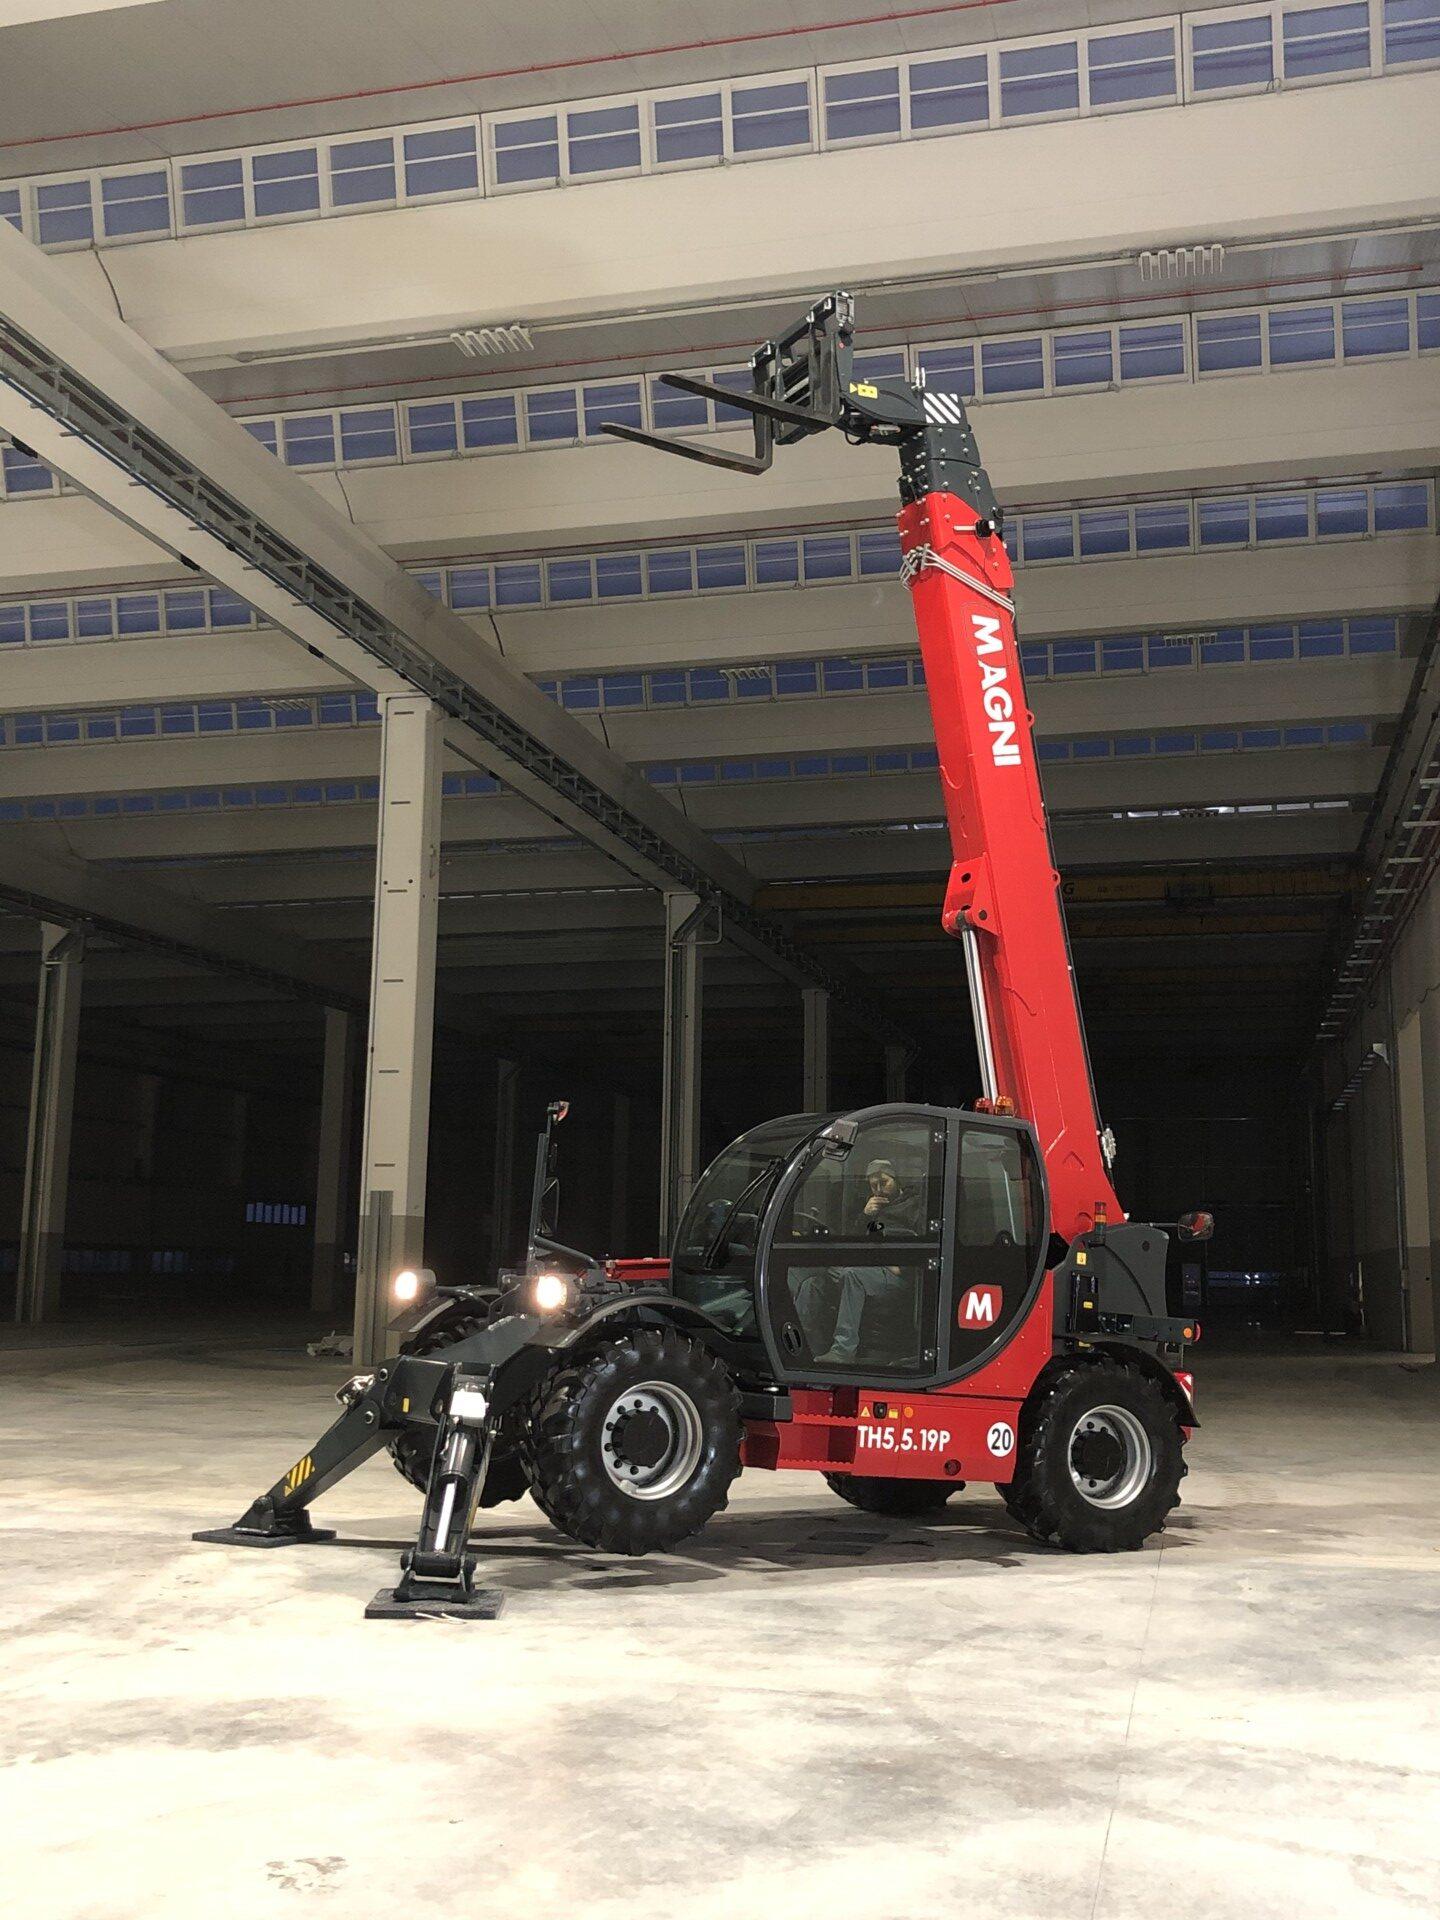 nouveau chariot telescopique magni th 55